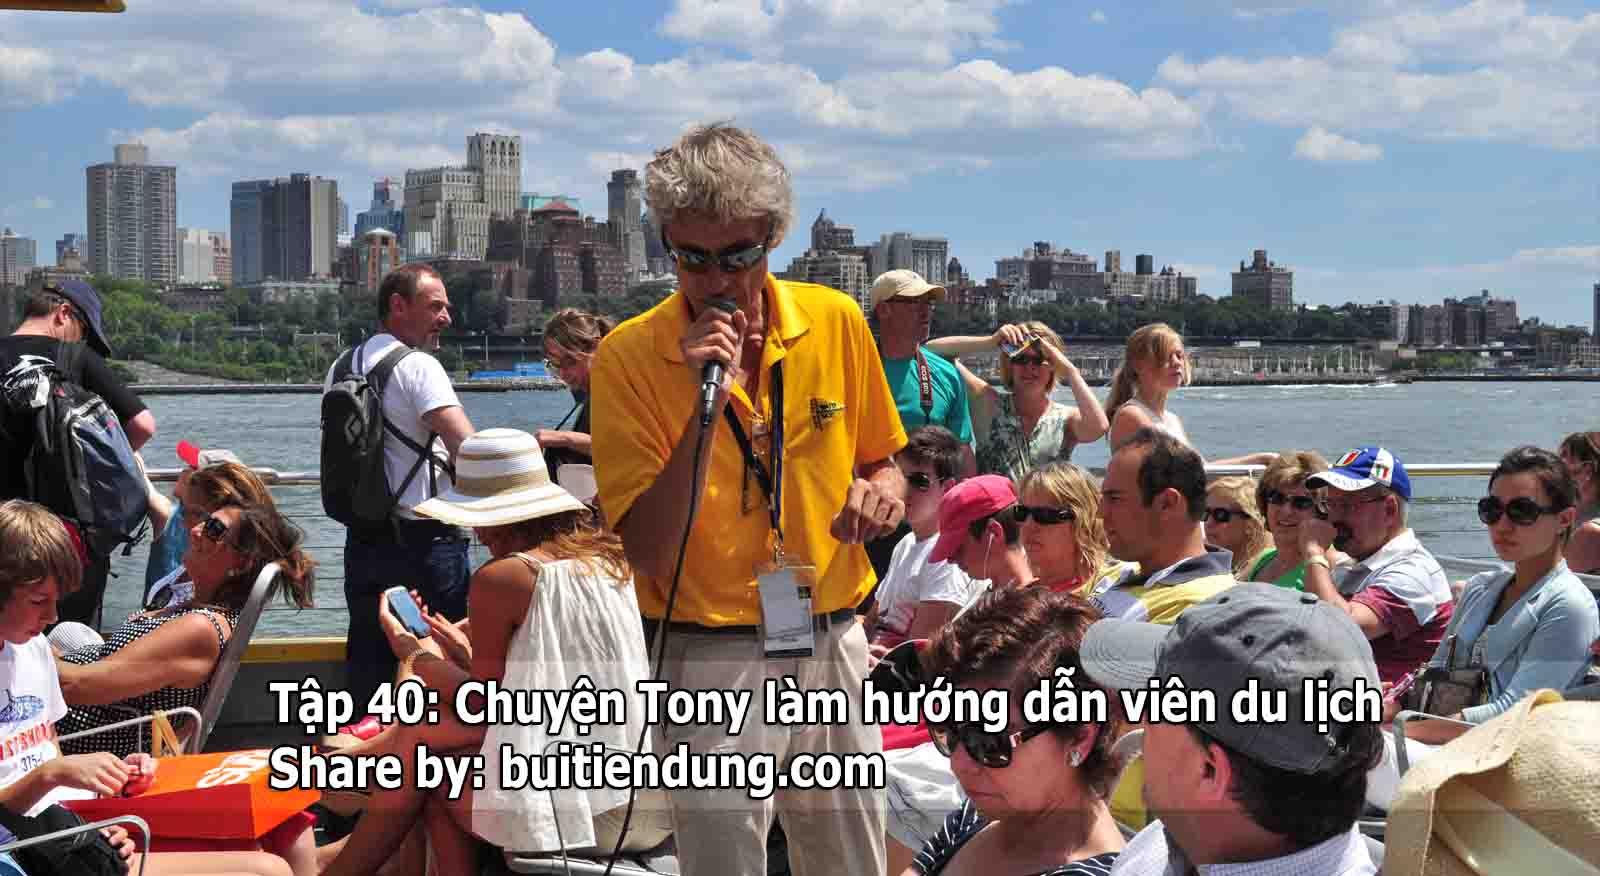 Tập 40: Chuyện Tony làm hướng dẫn viên du lịch – Trên đường băng